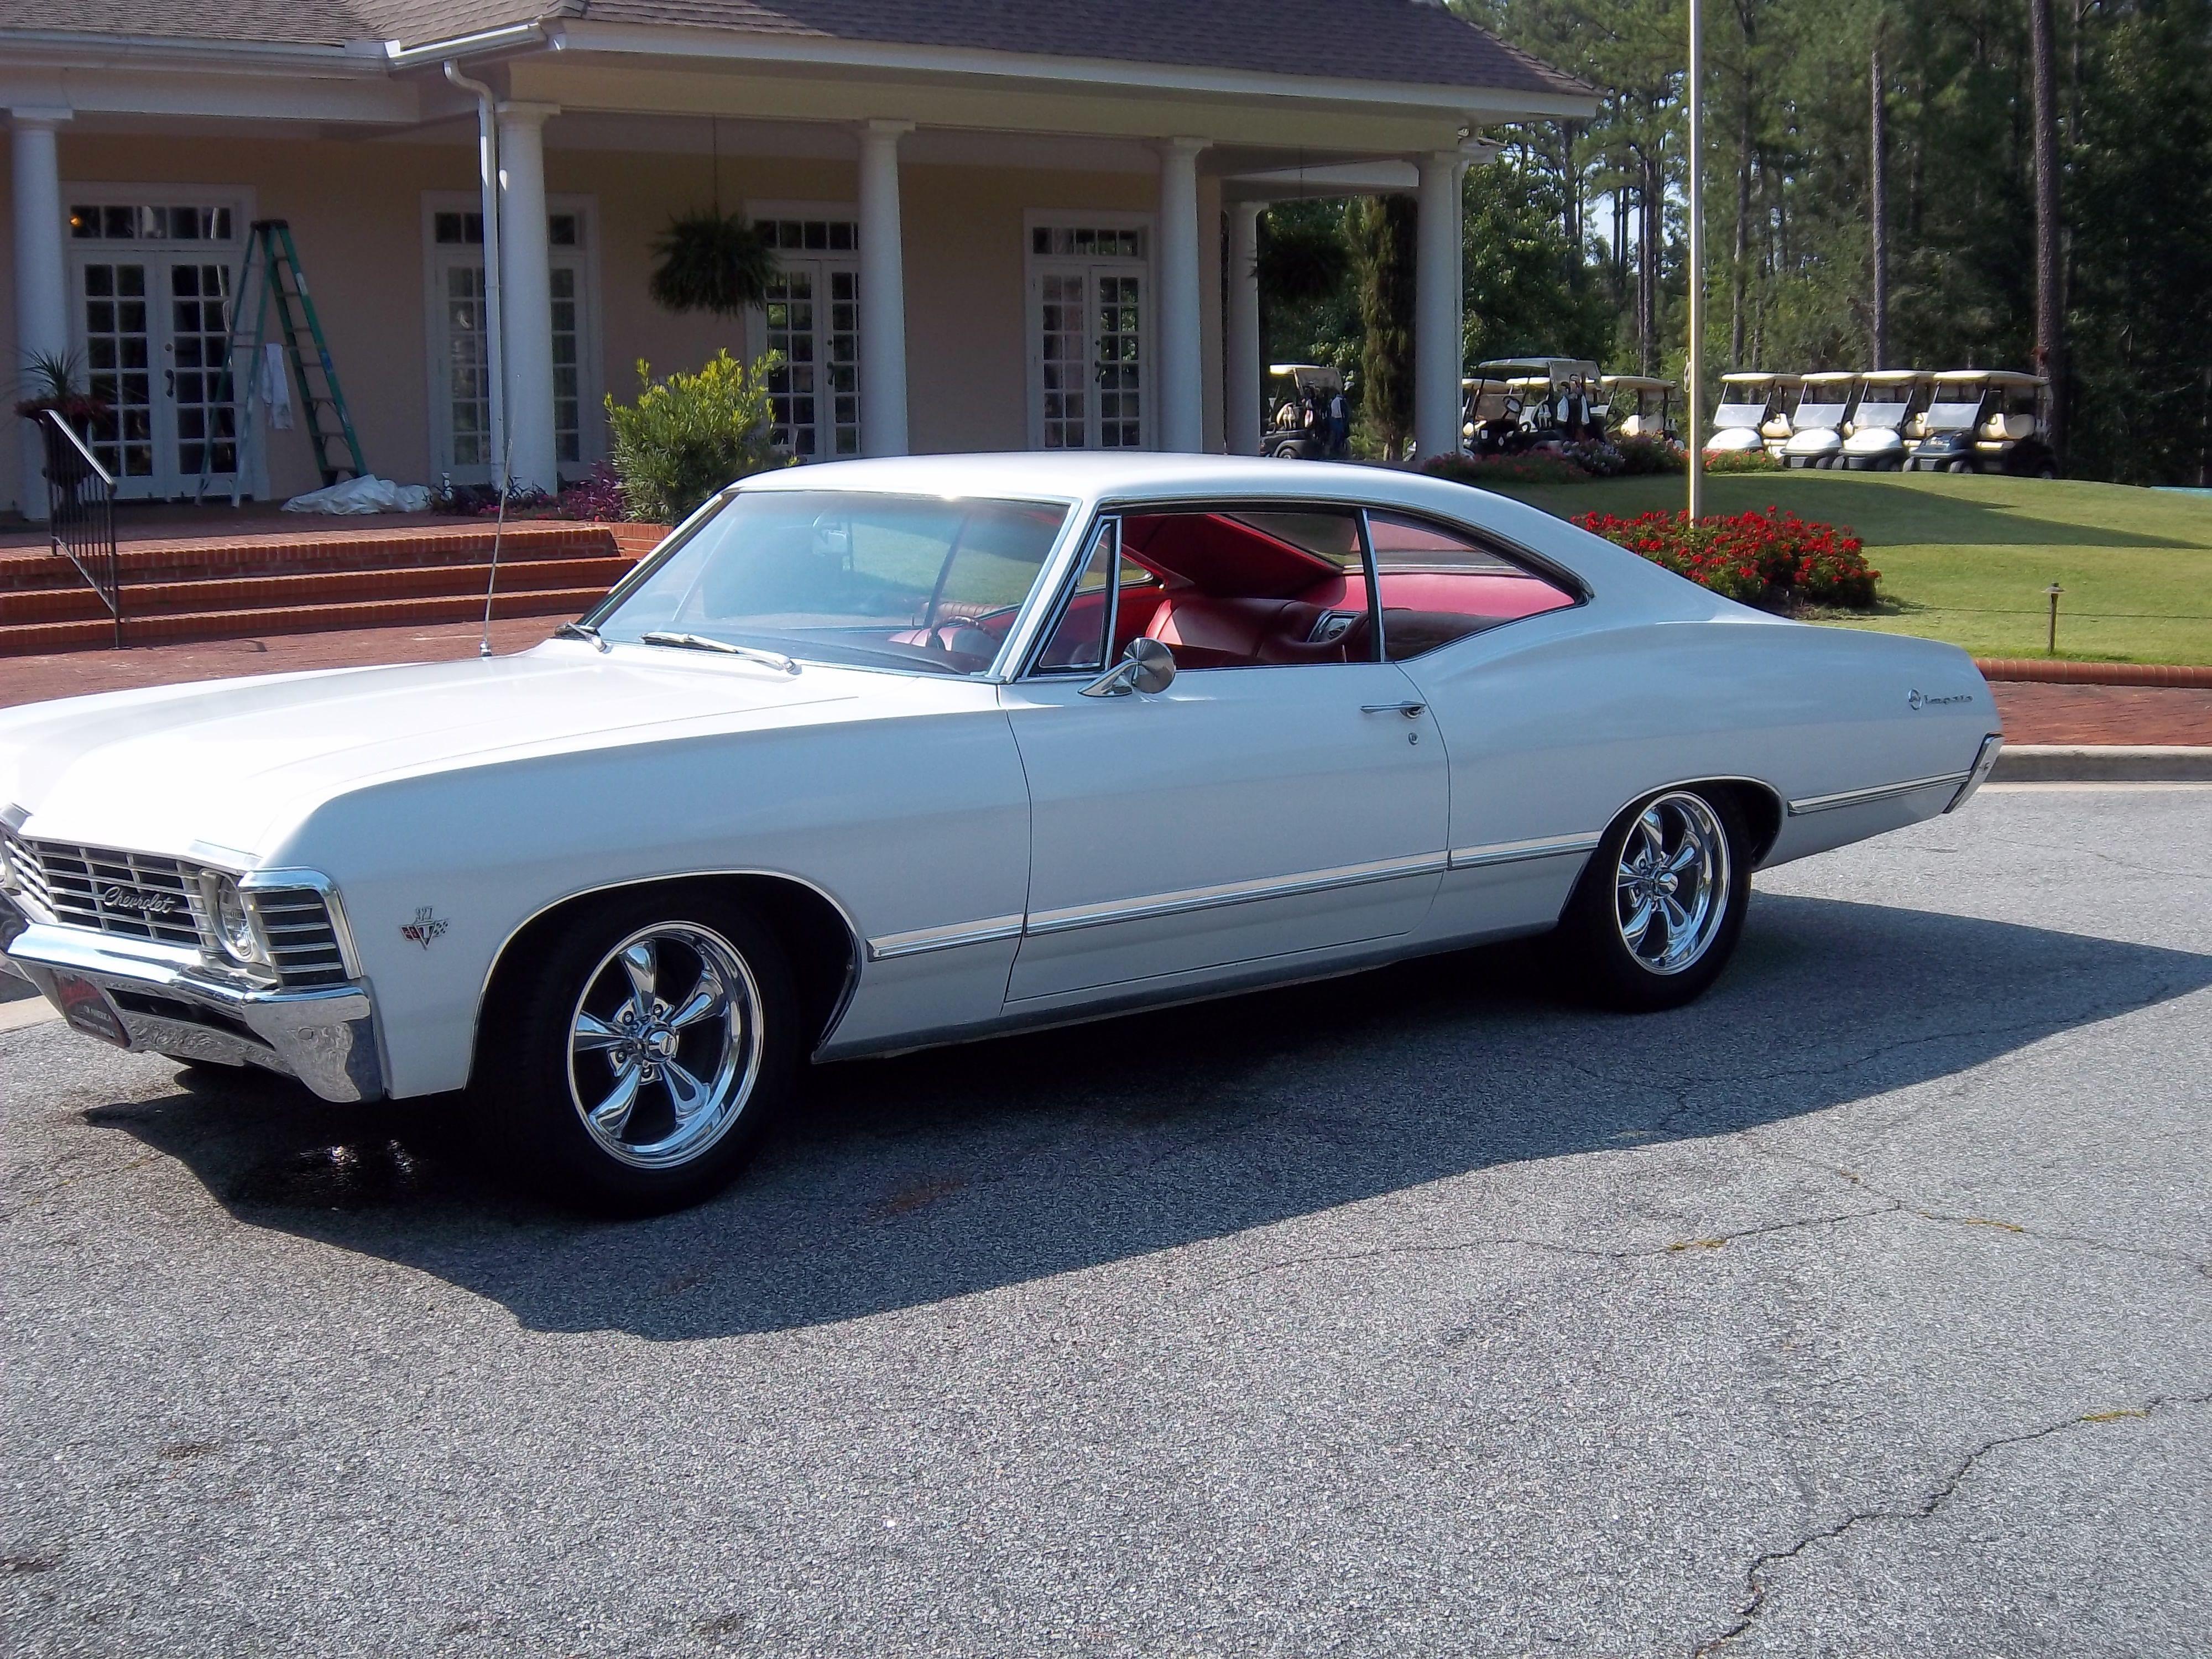 1967 White Chevy Impala 1967 Chevrolet Impala Evans 30809 0